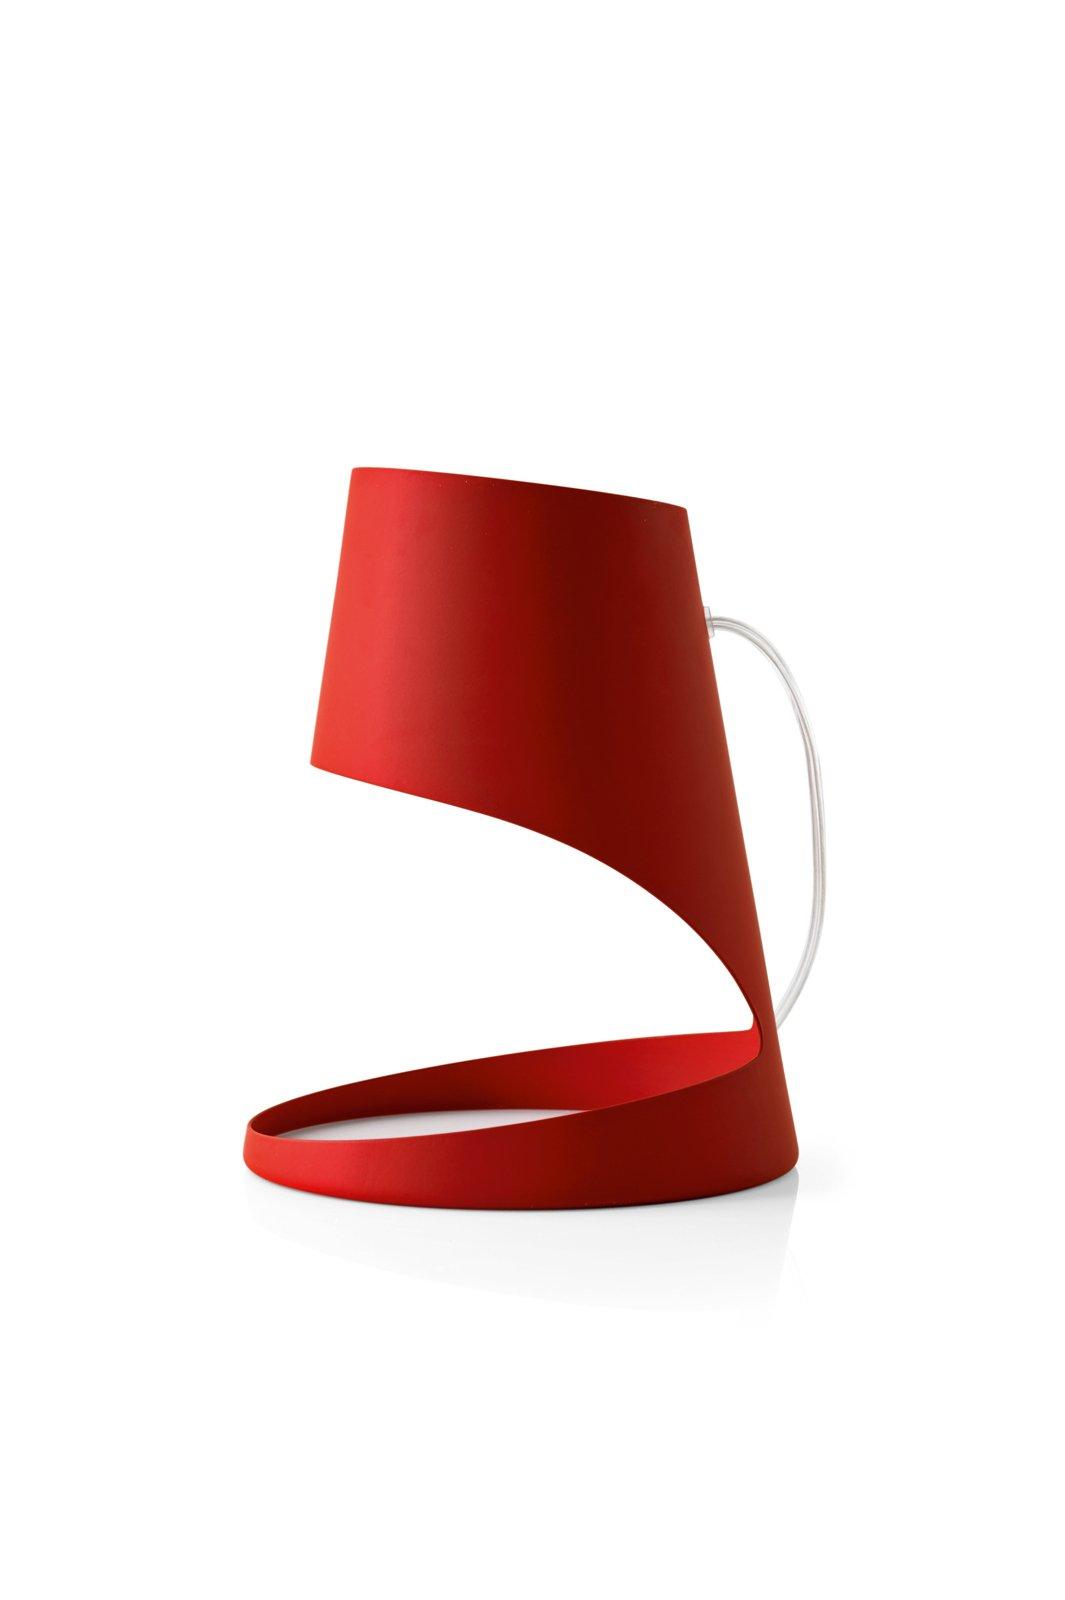 Lampadario camera da letto ikea ikea lampade per la - Ikea lampadario camera ...